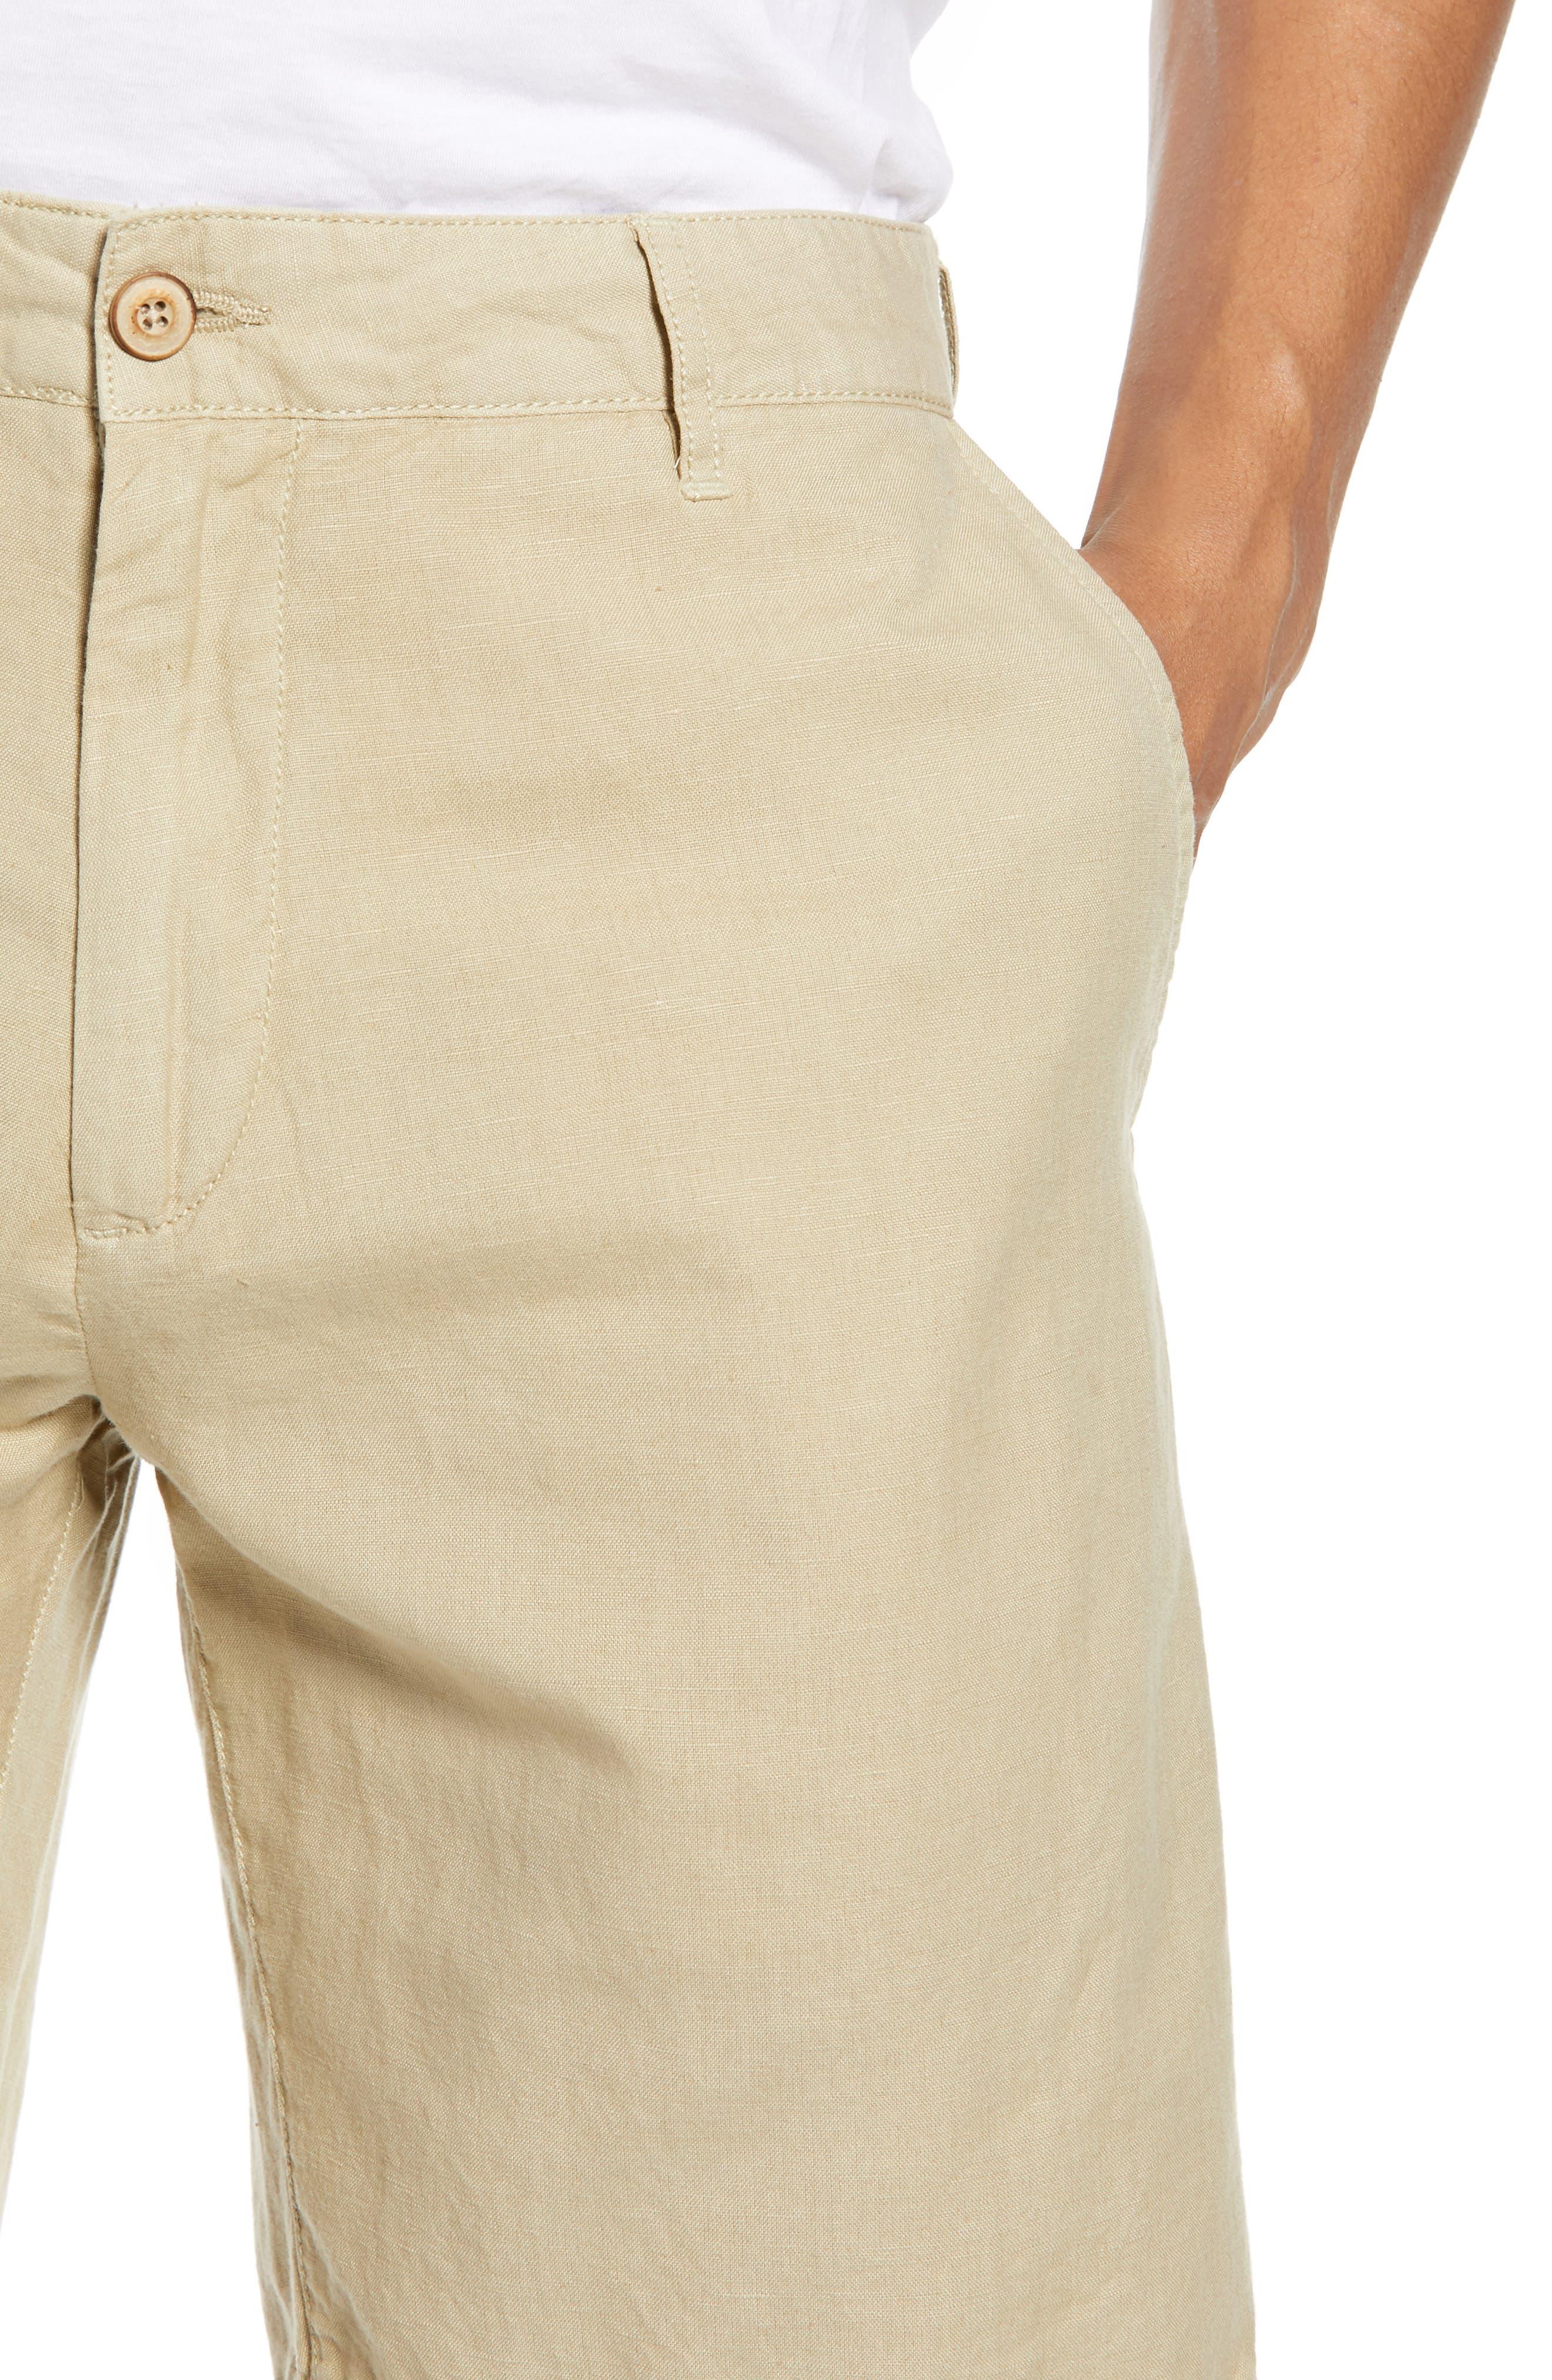 Malibu Shorts,                             Alternate thumbnail 4, color,                             KHAKI